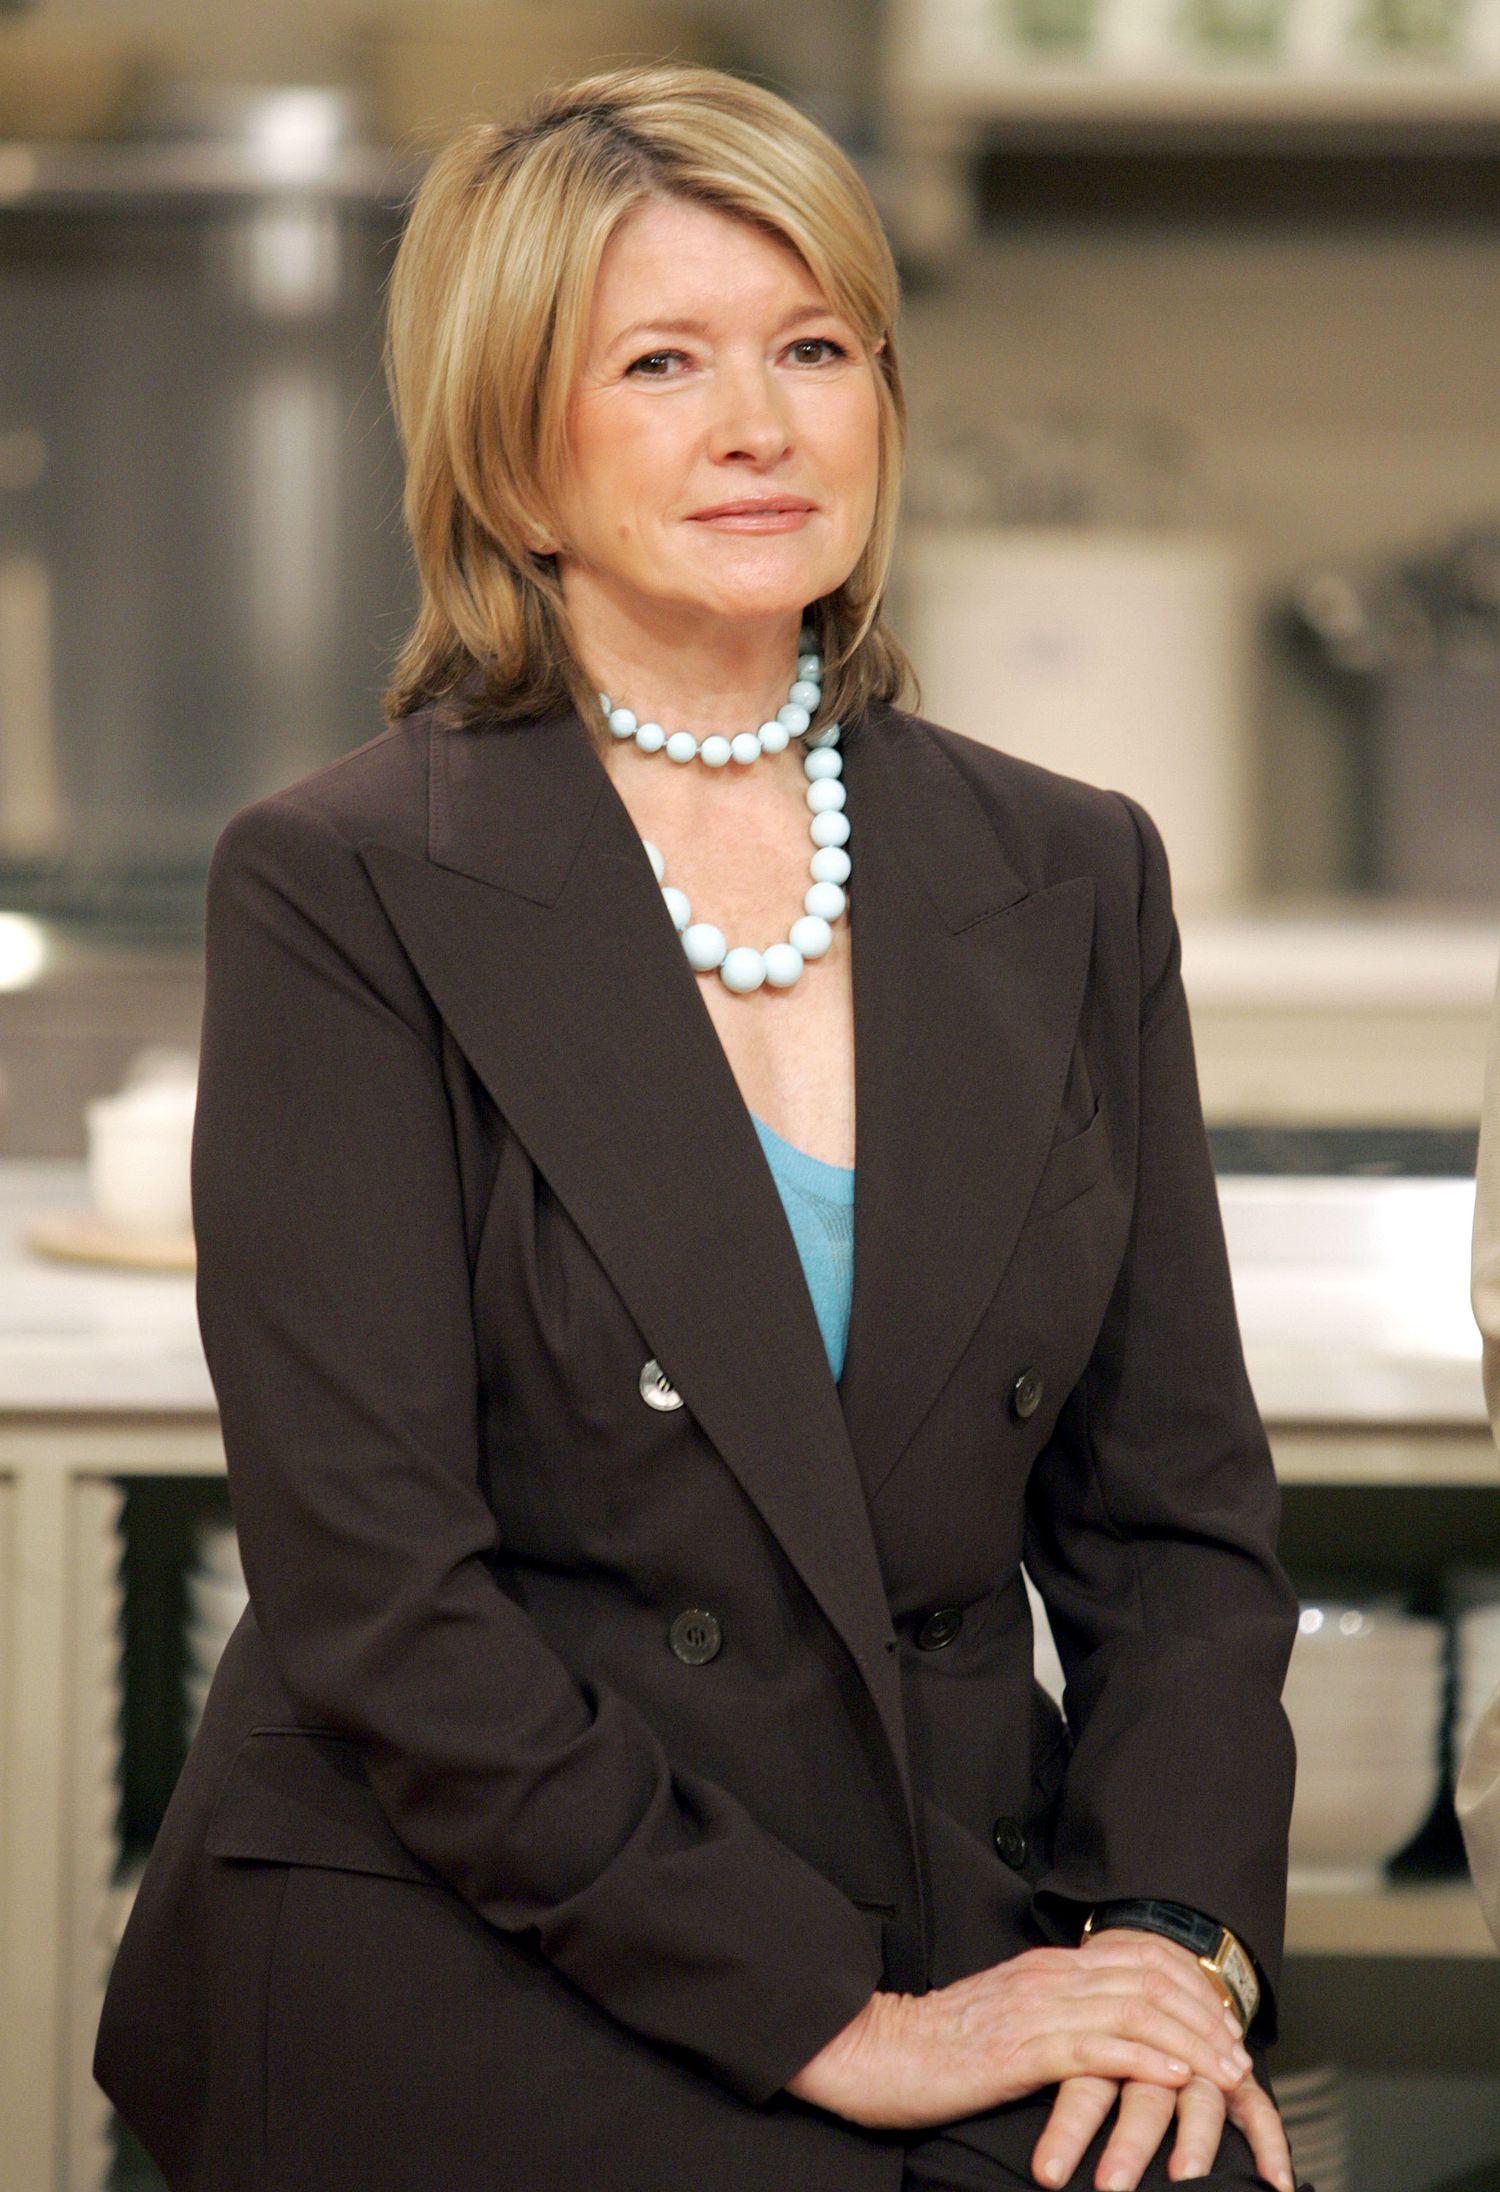 مارثا-ستيوارت-سابع-أغنى-فنانة-في-العالم